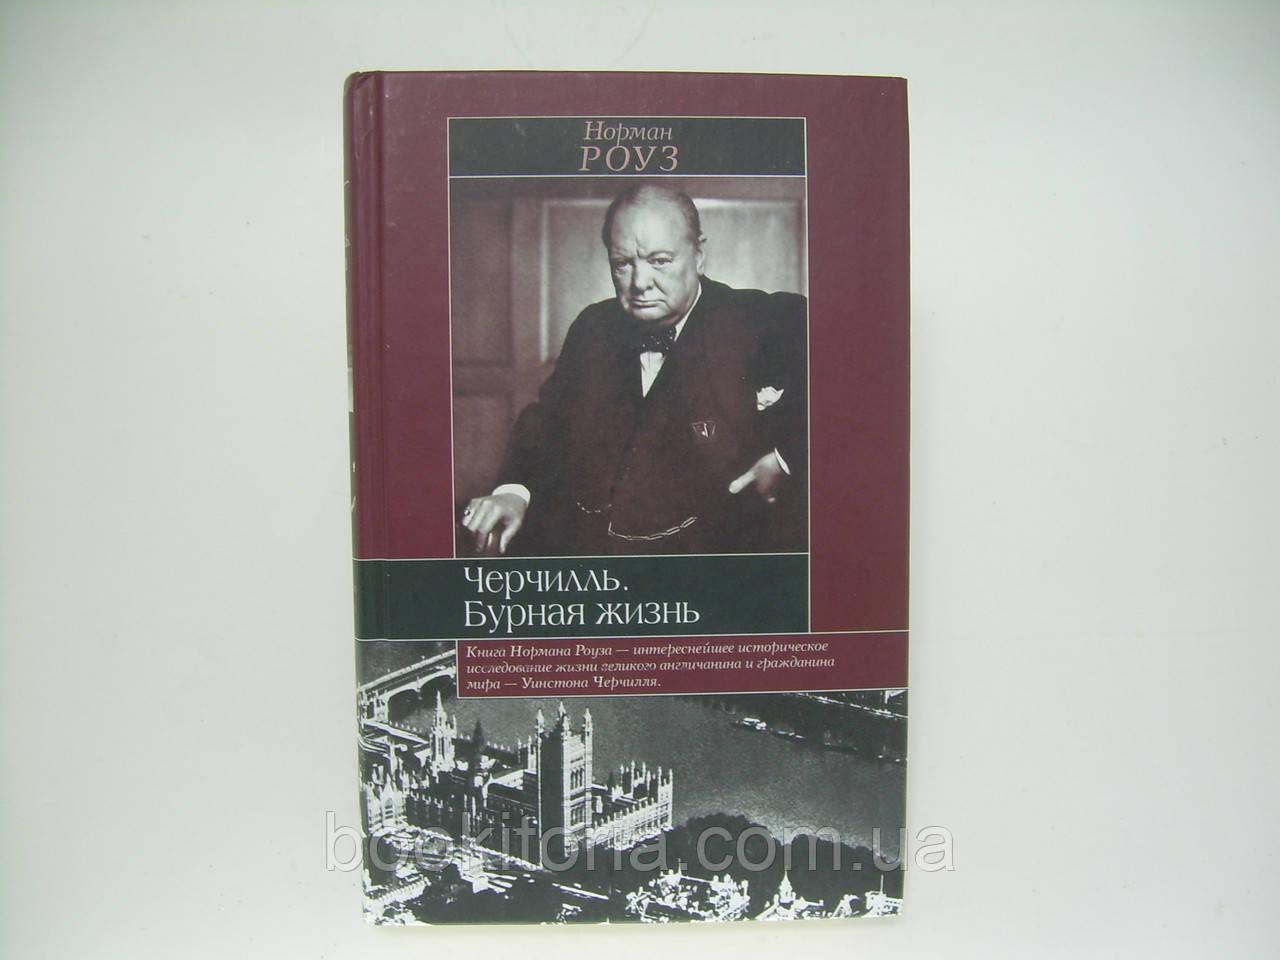 Роуз Н. Черчилль. Бурная жизнь (б/у).